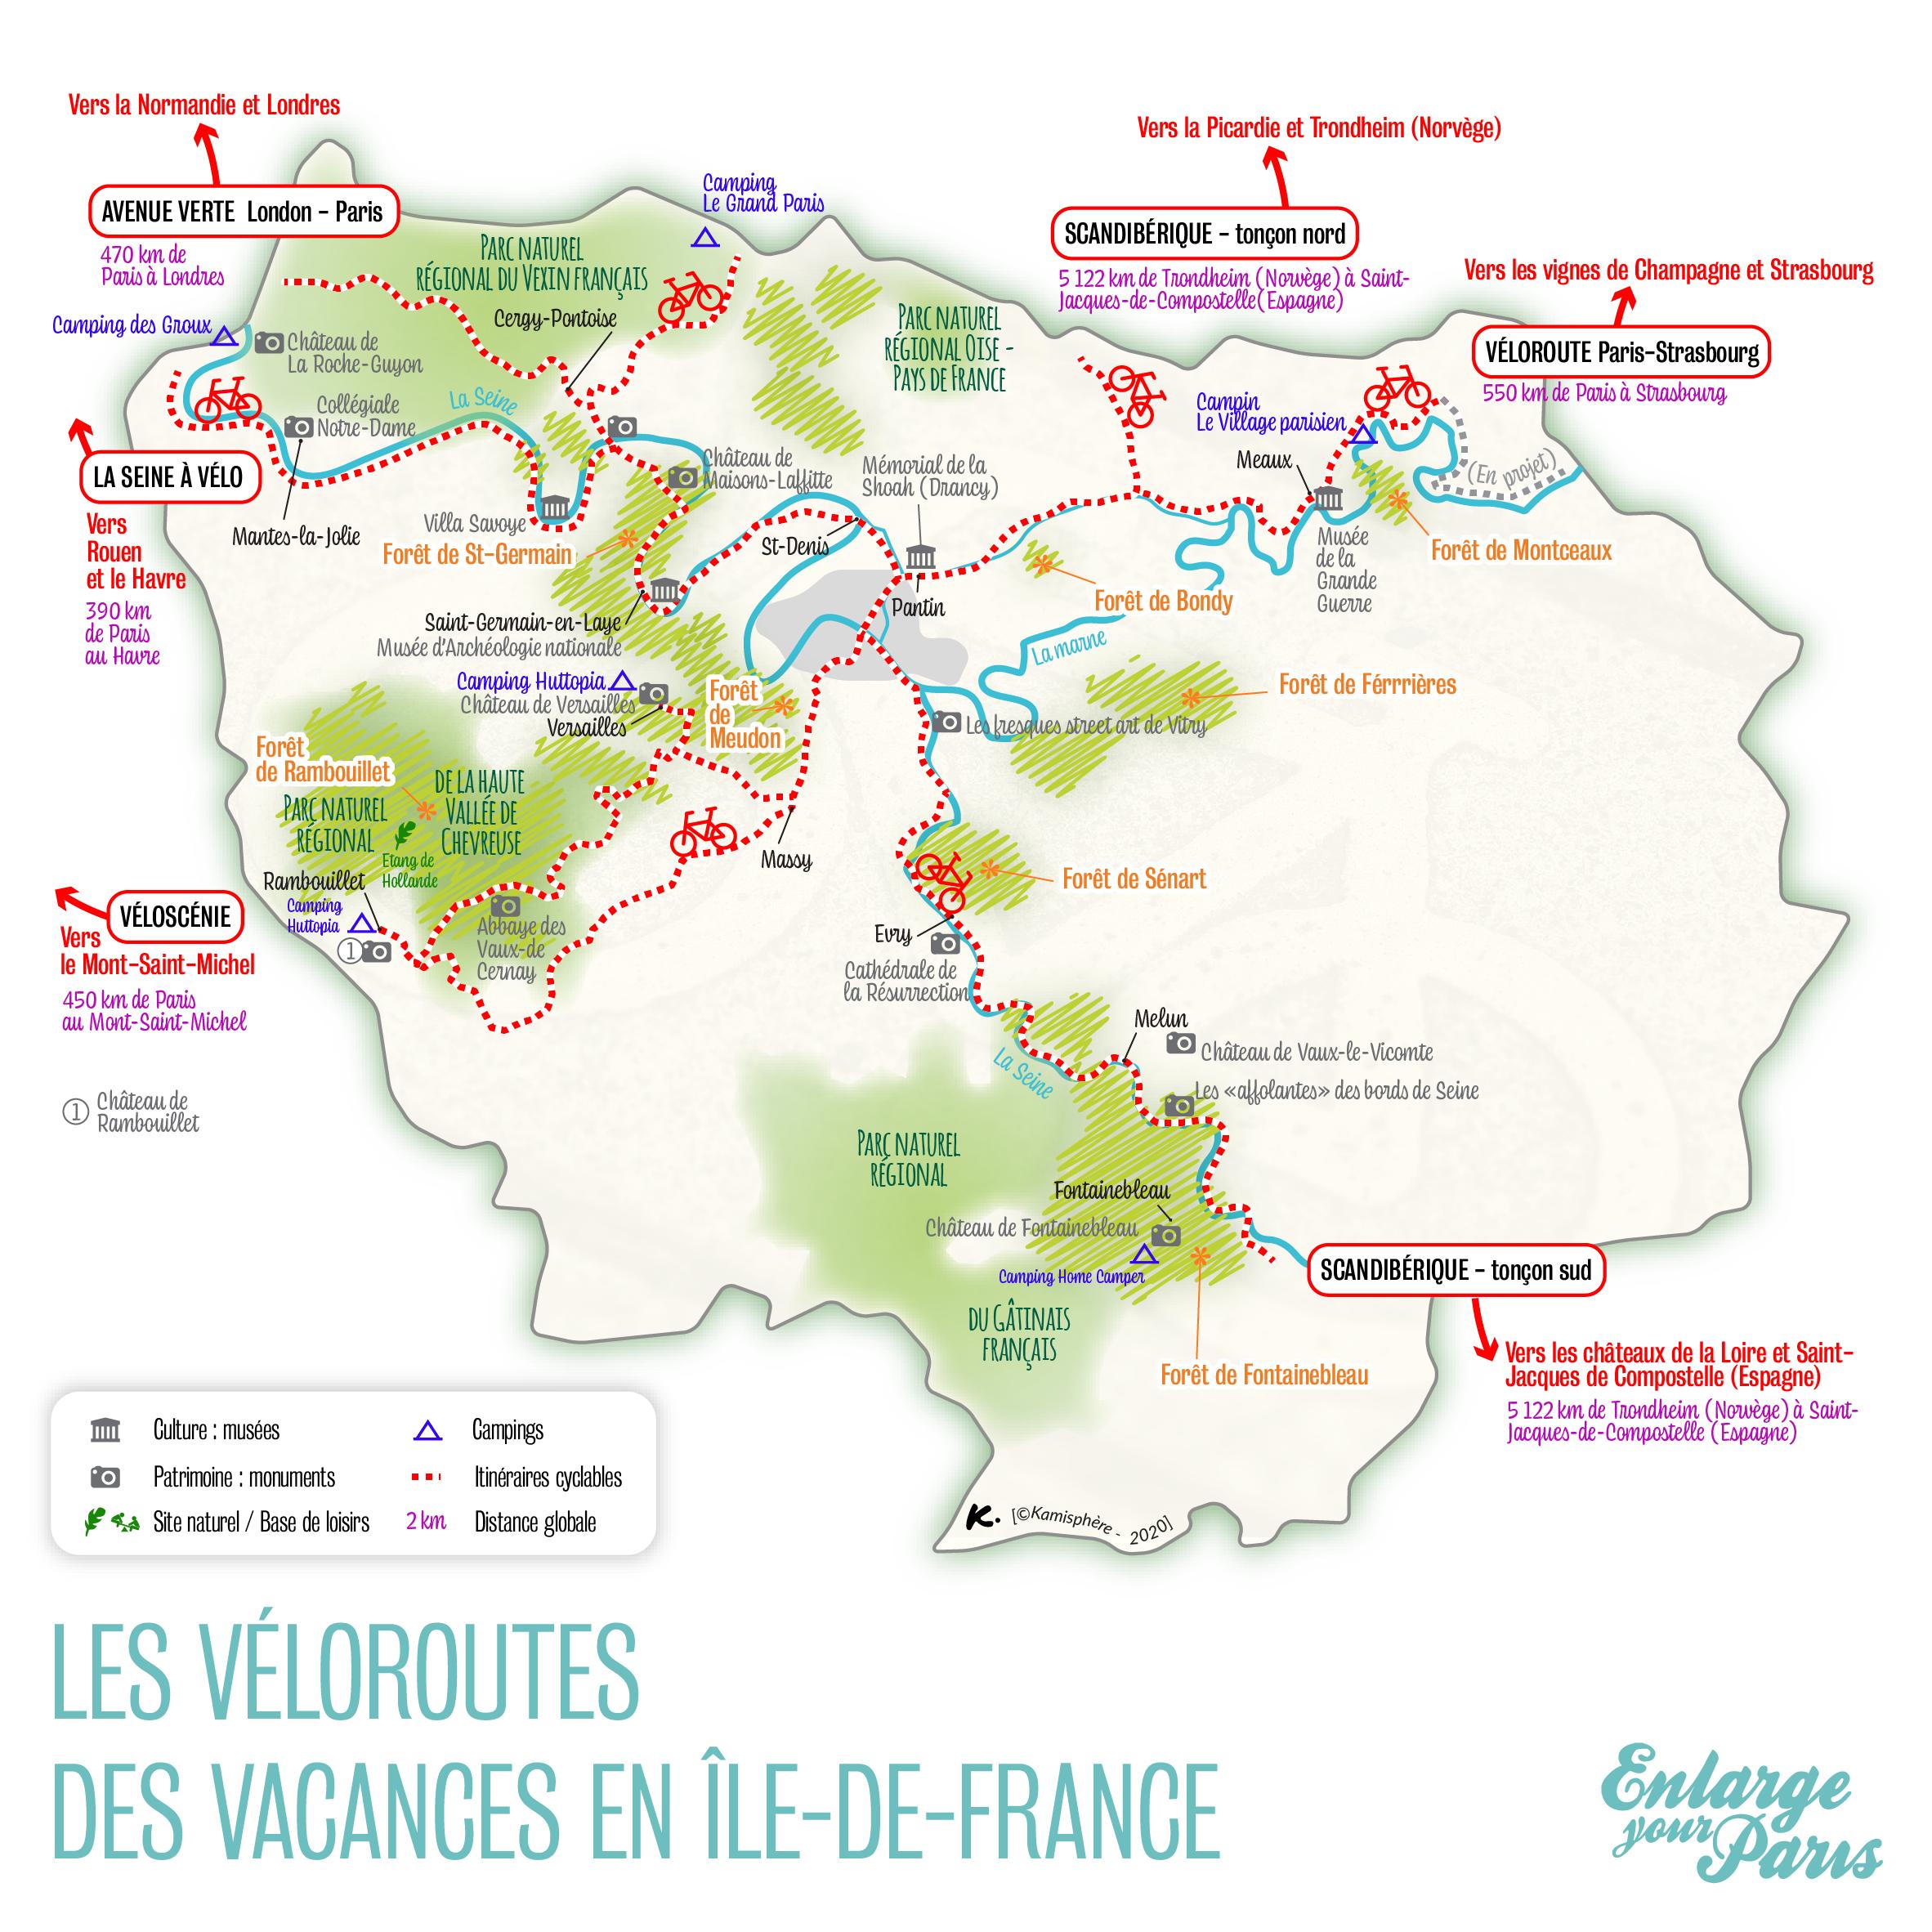 La carte des véloroutes en Île-de-France / © Adèle Raby pour Enlarge your Paris